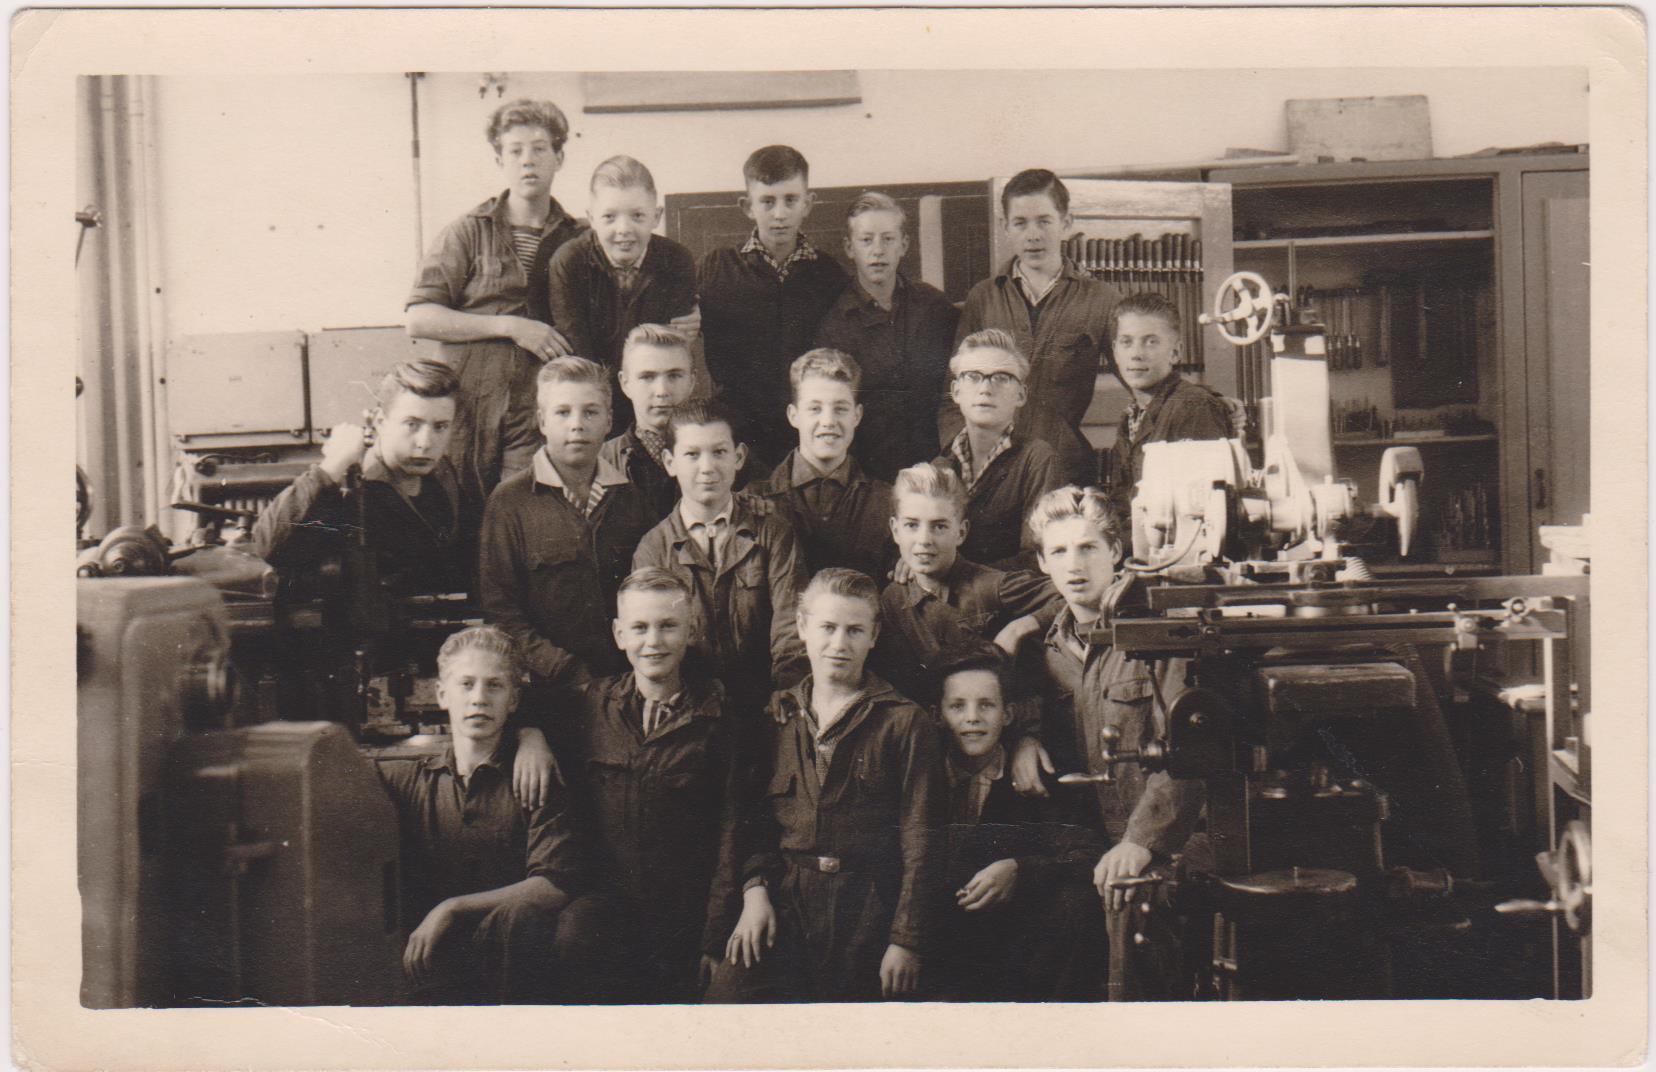 1e Technische School voor Delft en omstreken (voorheen/zie ook ambachtschool) foto